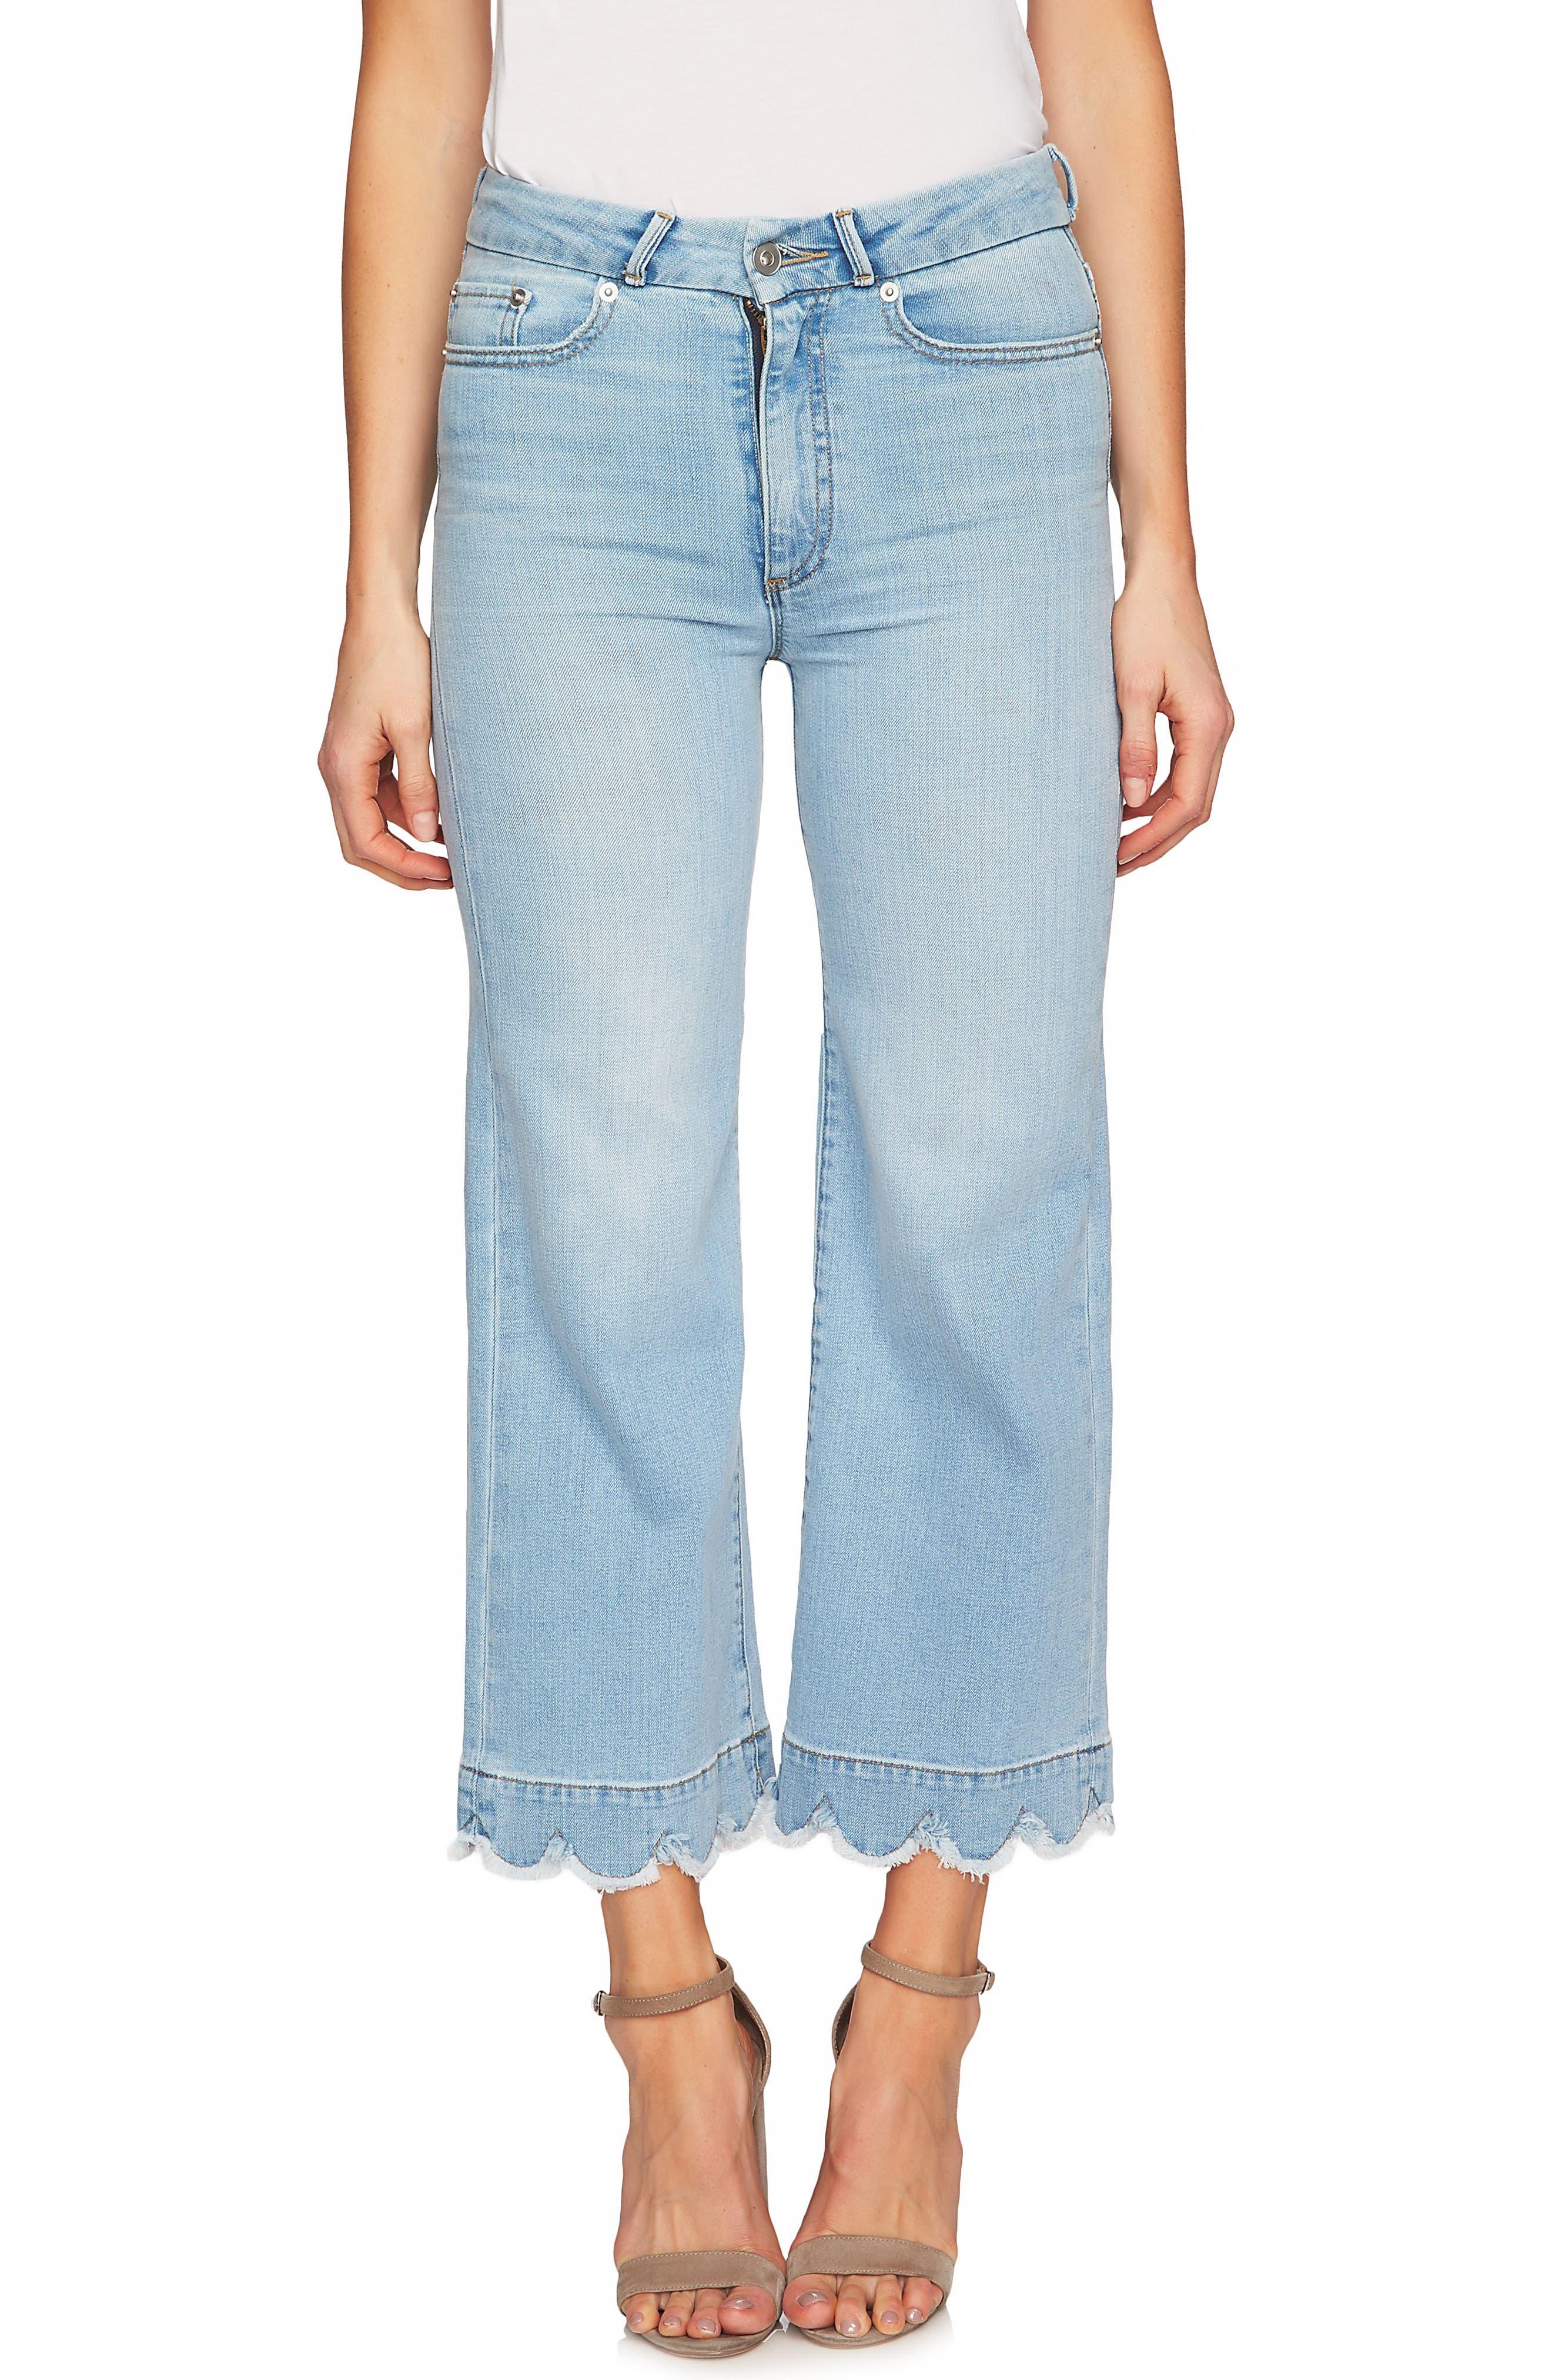 CeCe Scalloped Non-Stretch Denim Jeans (Indigo Surf)